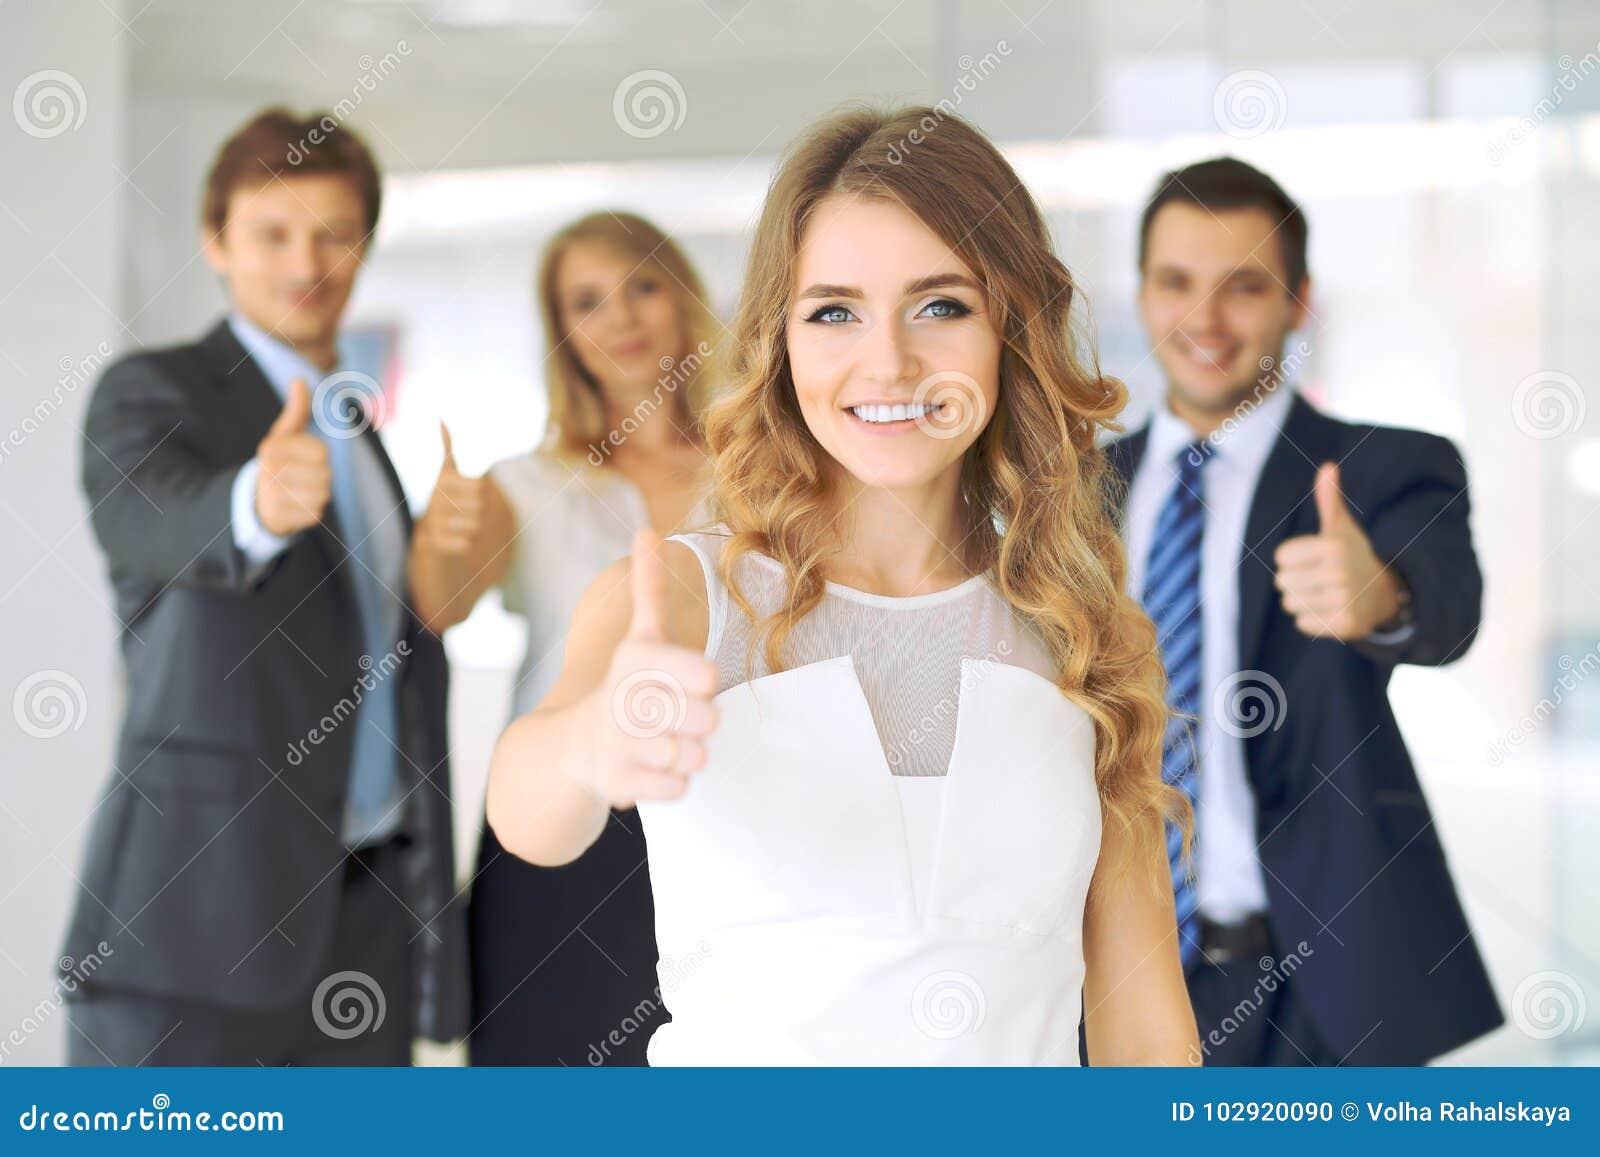 Успешные молодые бизнесмены показывая большие пальцы руки поднимают знак